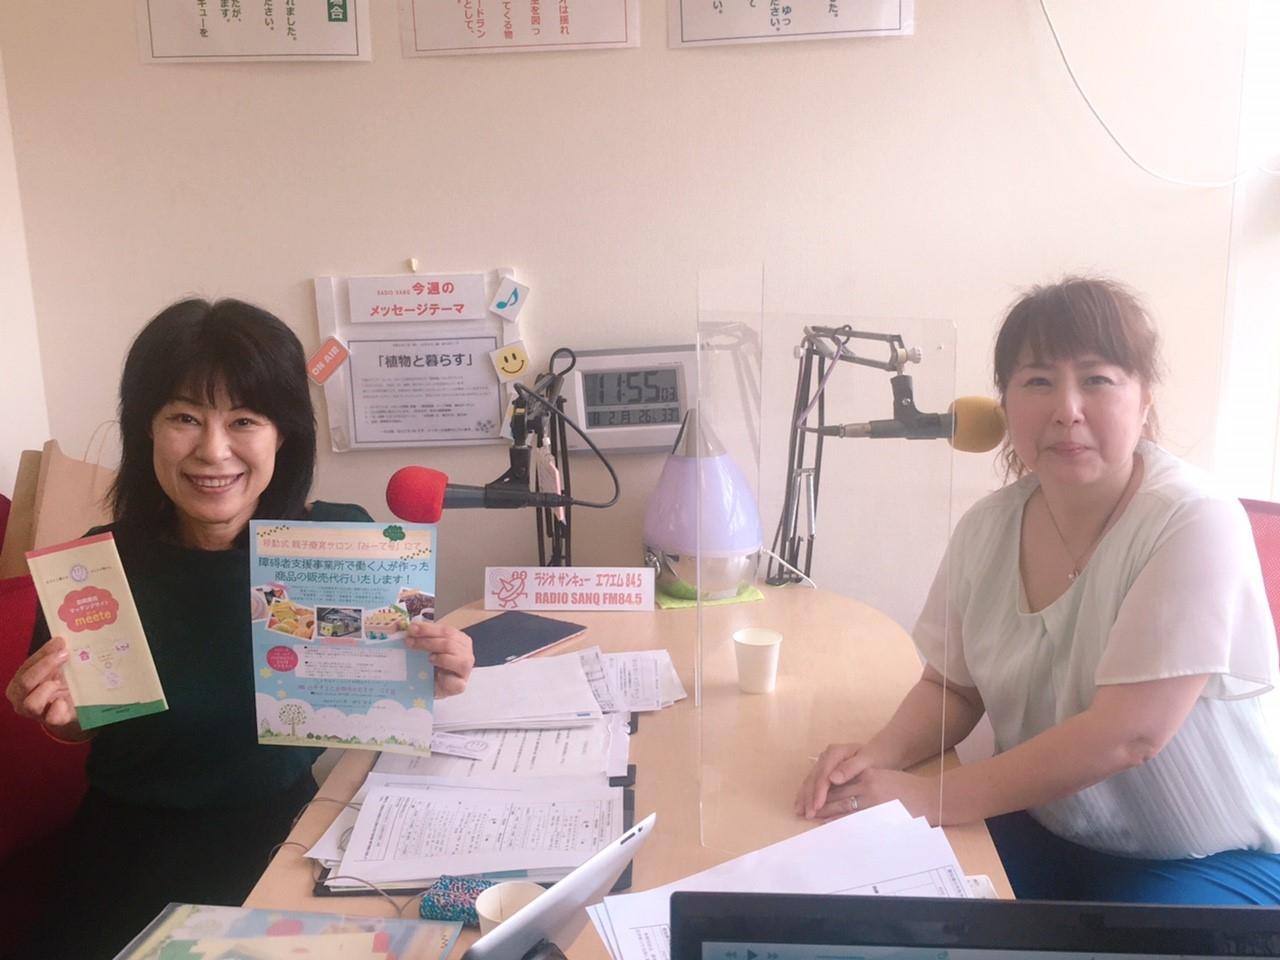 ともみとともに 訪問療育マッチングサイト meete 柳谷智子さん